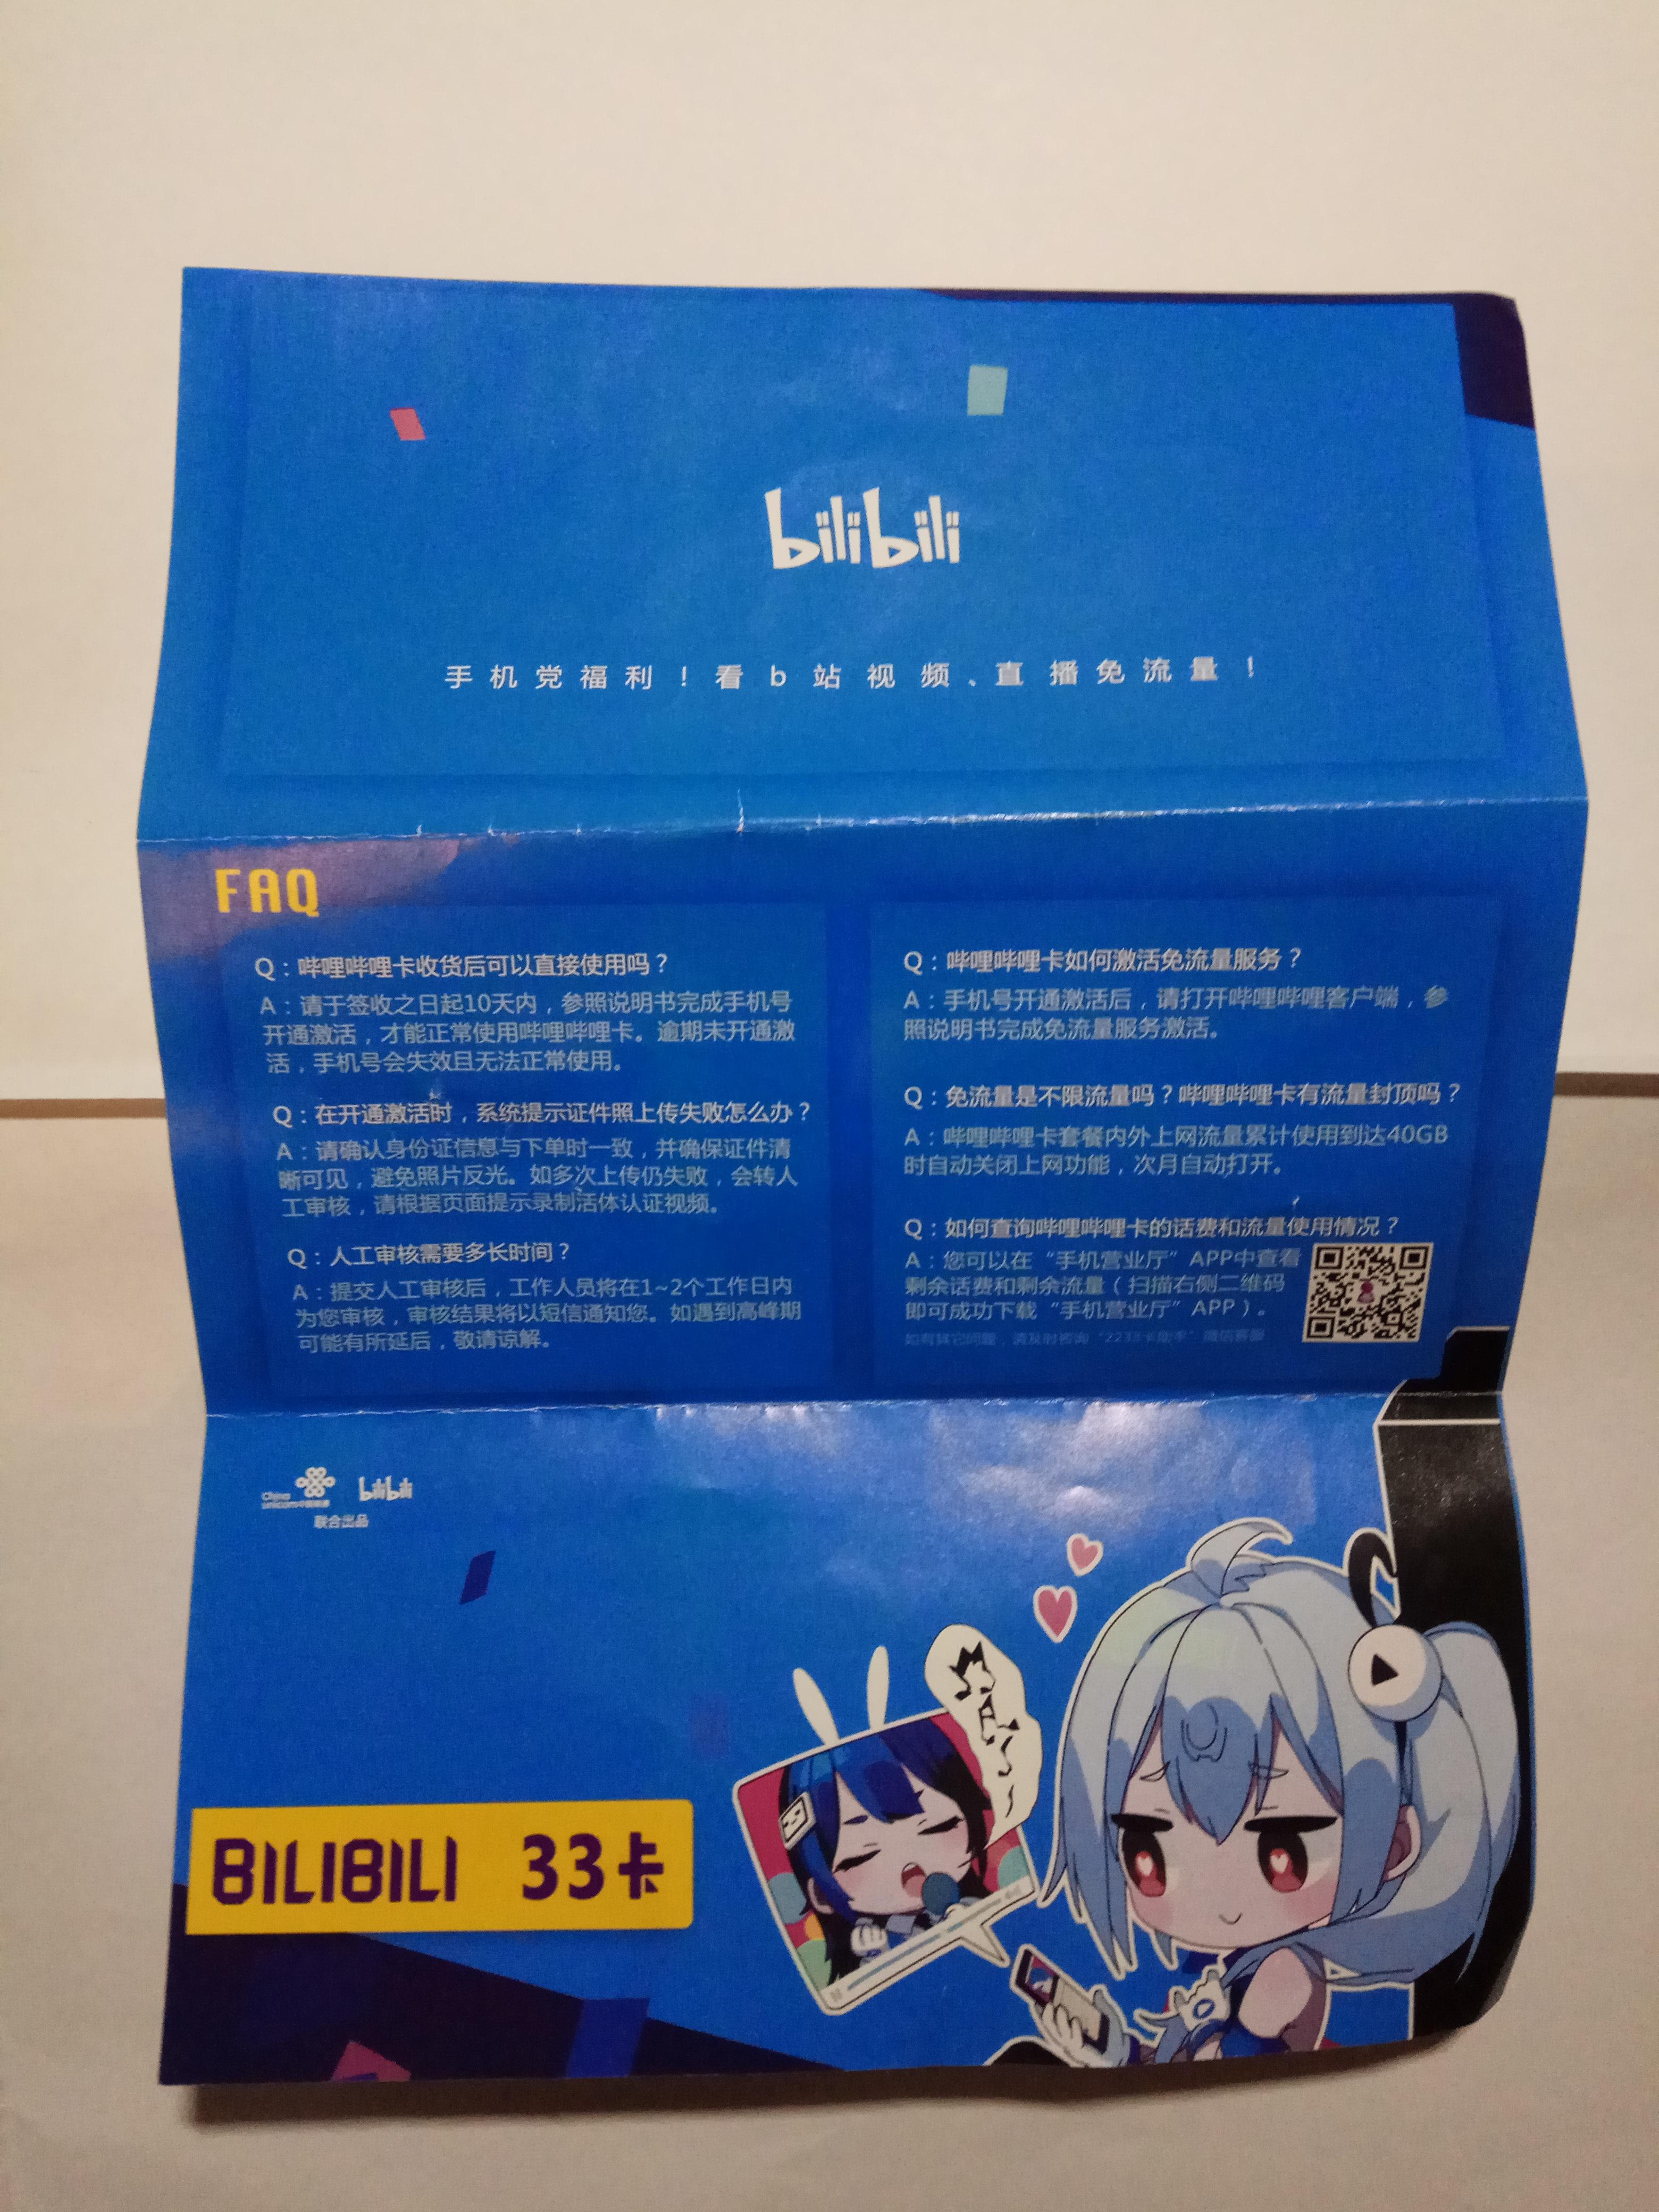 哔哩哔哩手机卡33卡拆封华为手机黔南地区售后服务图片